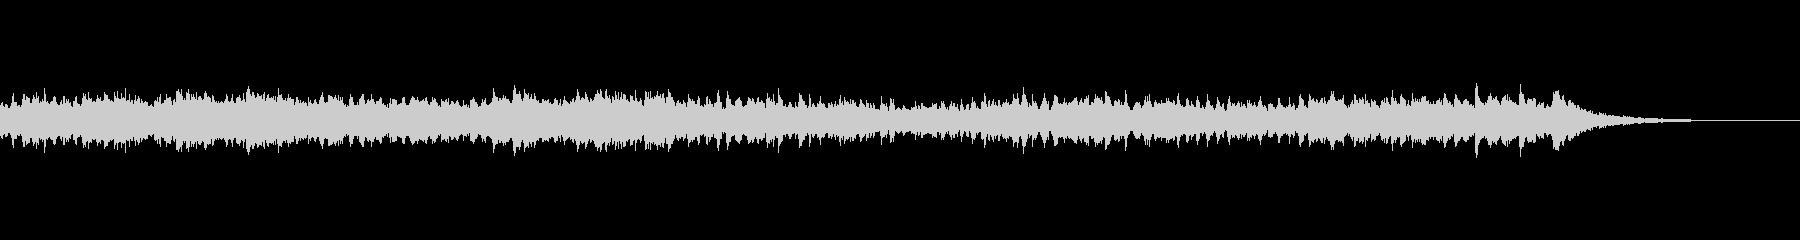 宇宙的な響きを奏でる琴のサウンド/和楽器の未再生の波形